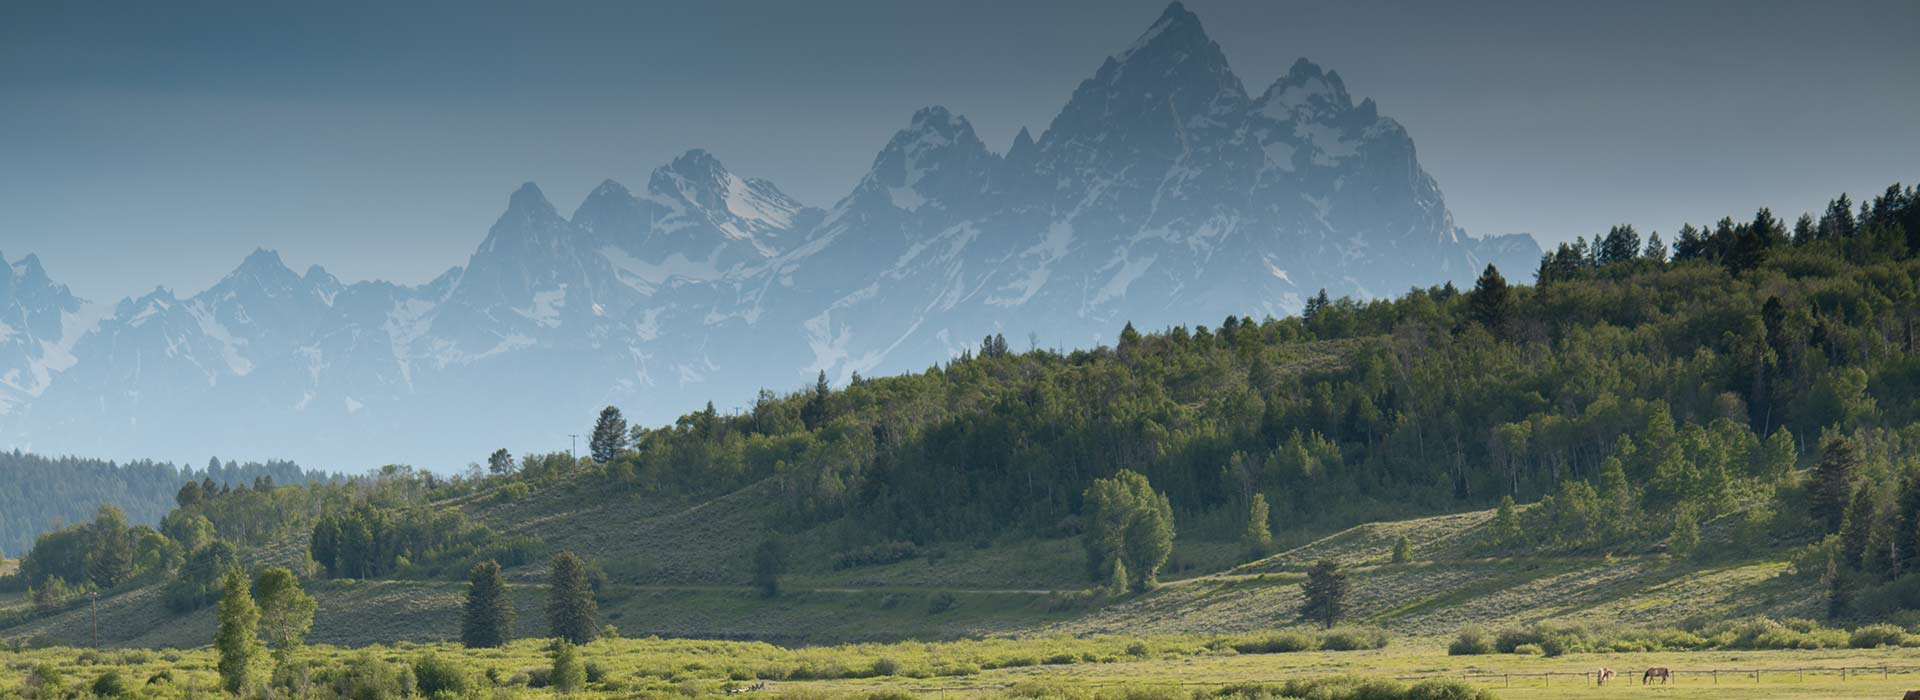 Grand Teton Mountains Wyoming